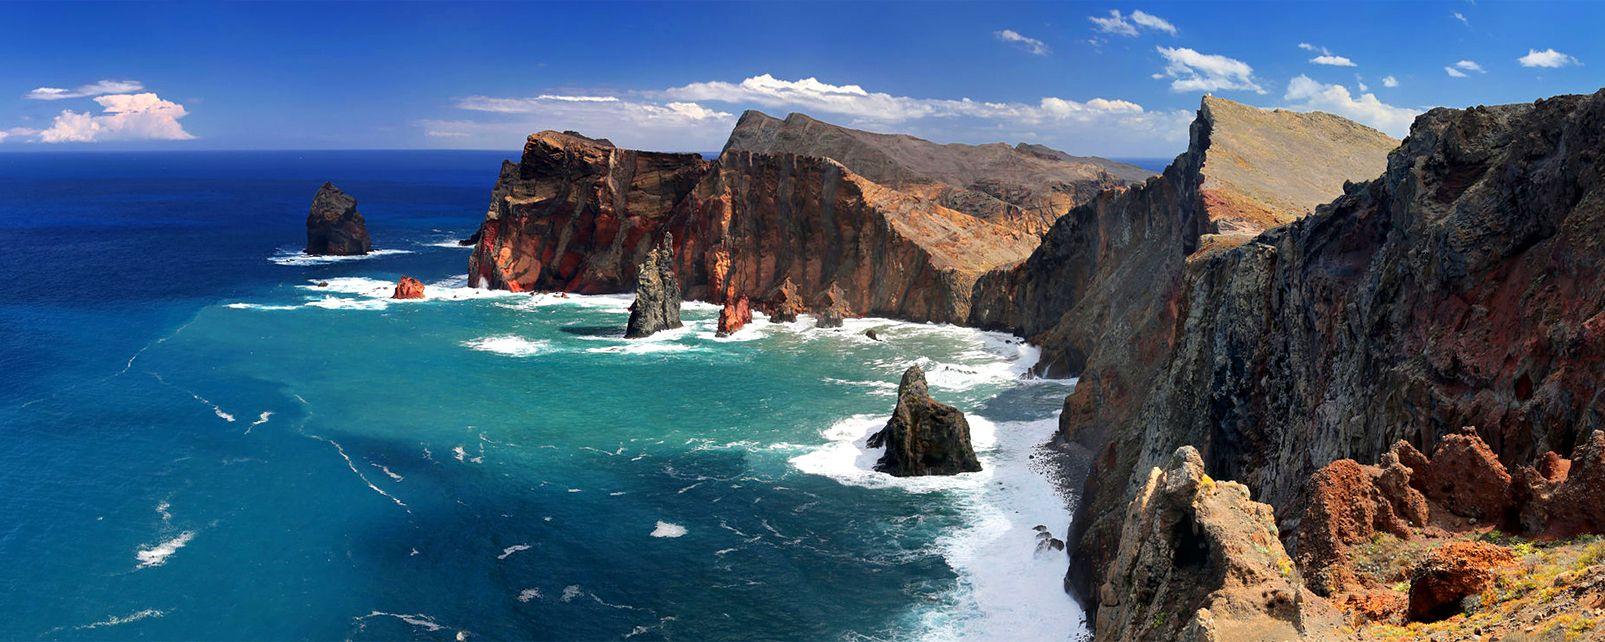 Ponta de Sao Lourenço , A nord di Madeira , Portogallo